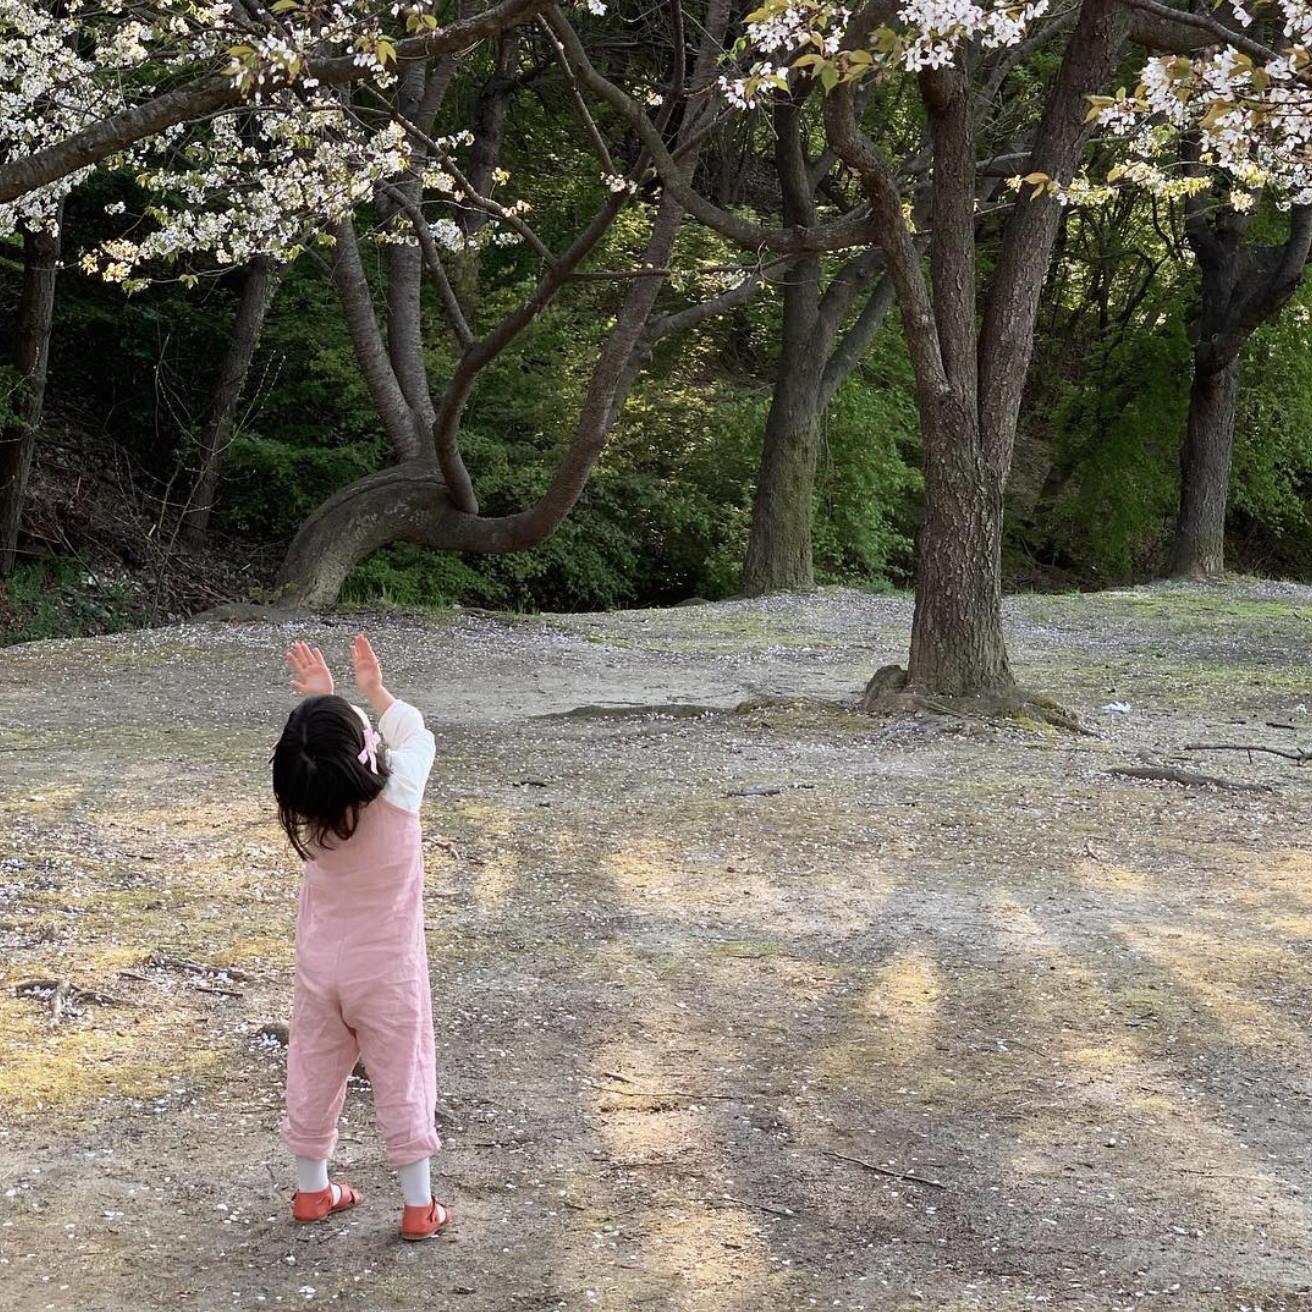 Screen Shot 2019-04-26 at 11.24.55.png